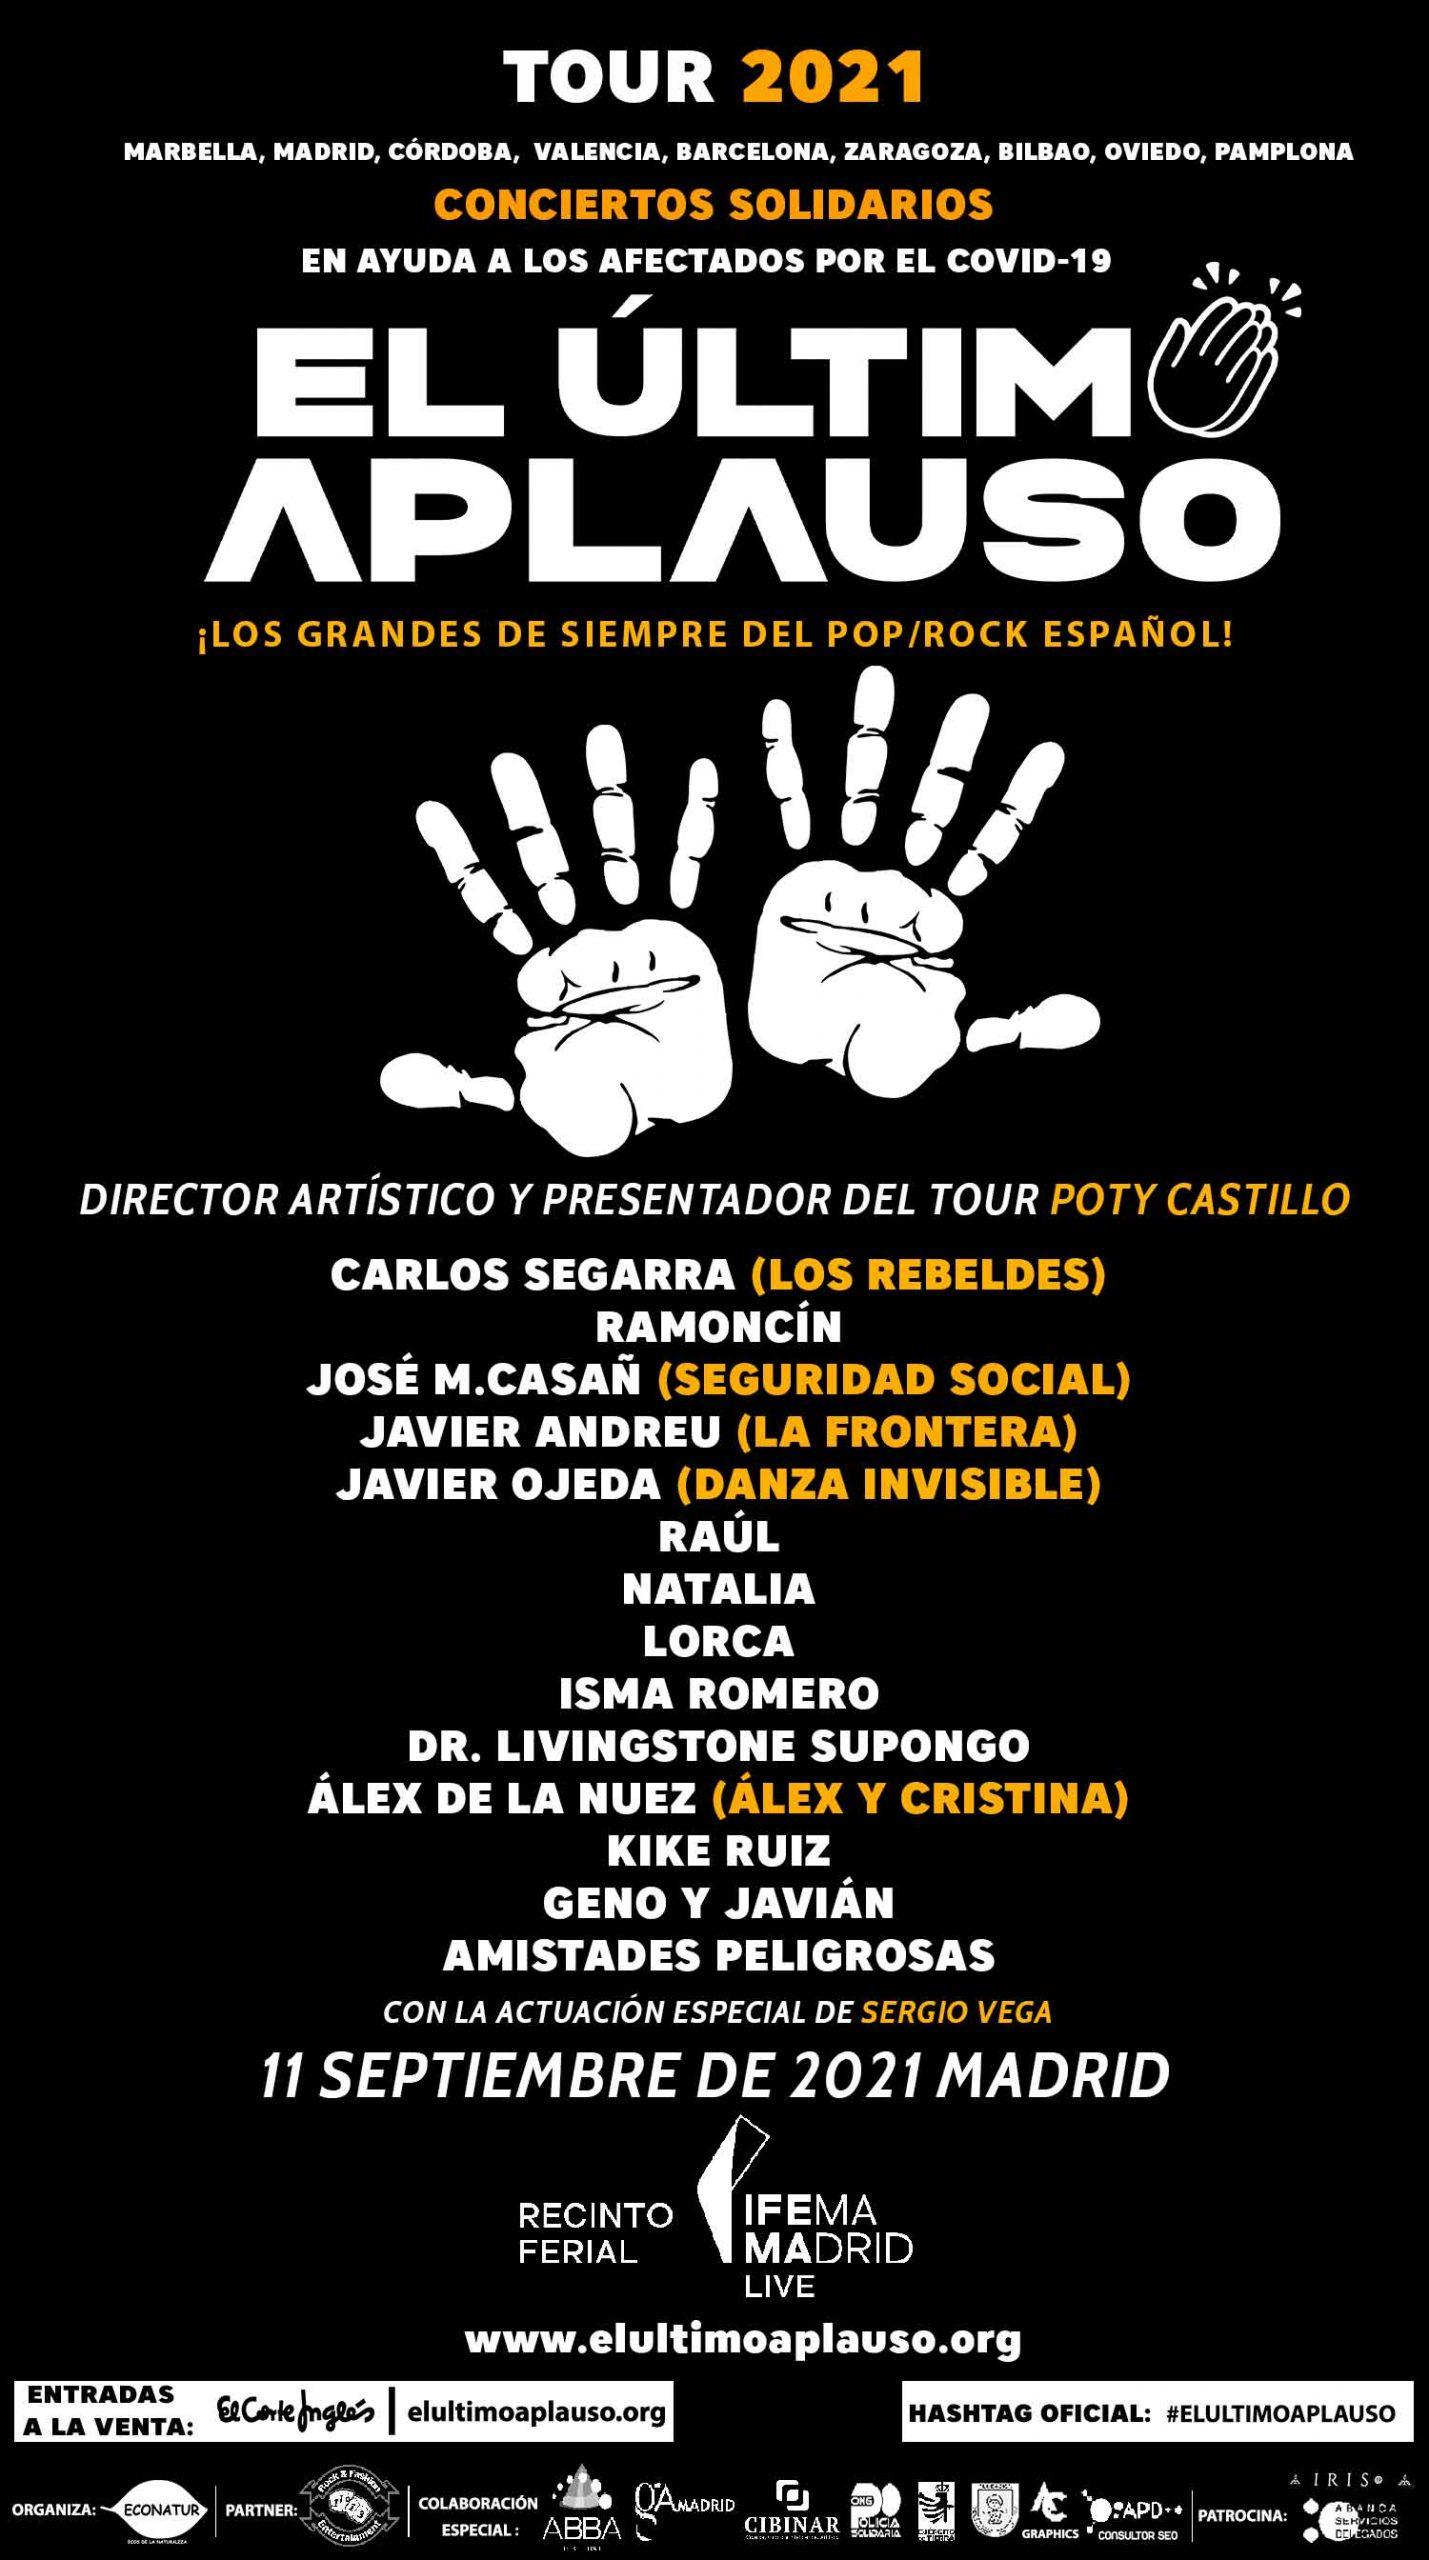 CARTEL-FINAL-EUA-IFEMA-MADRID-LIVE-11-SEPTIEMBRE-2021